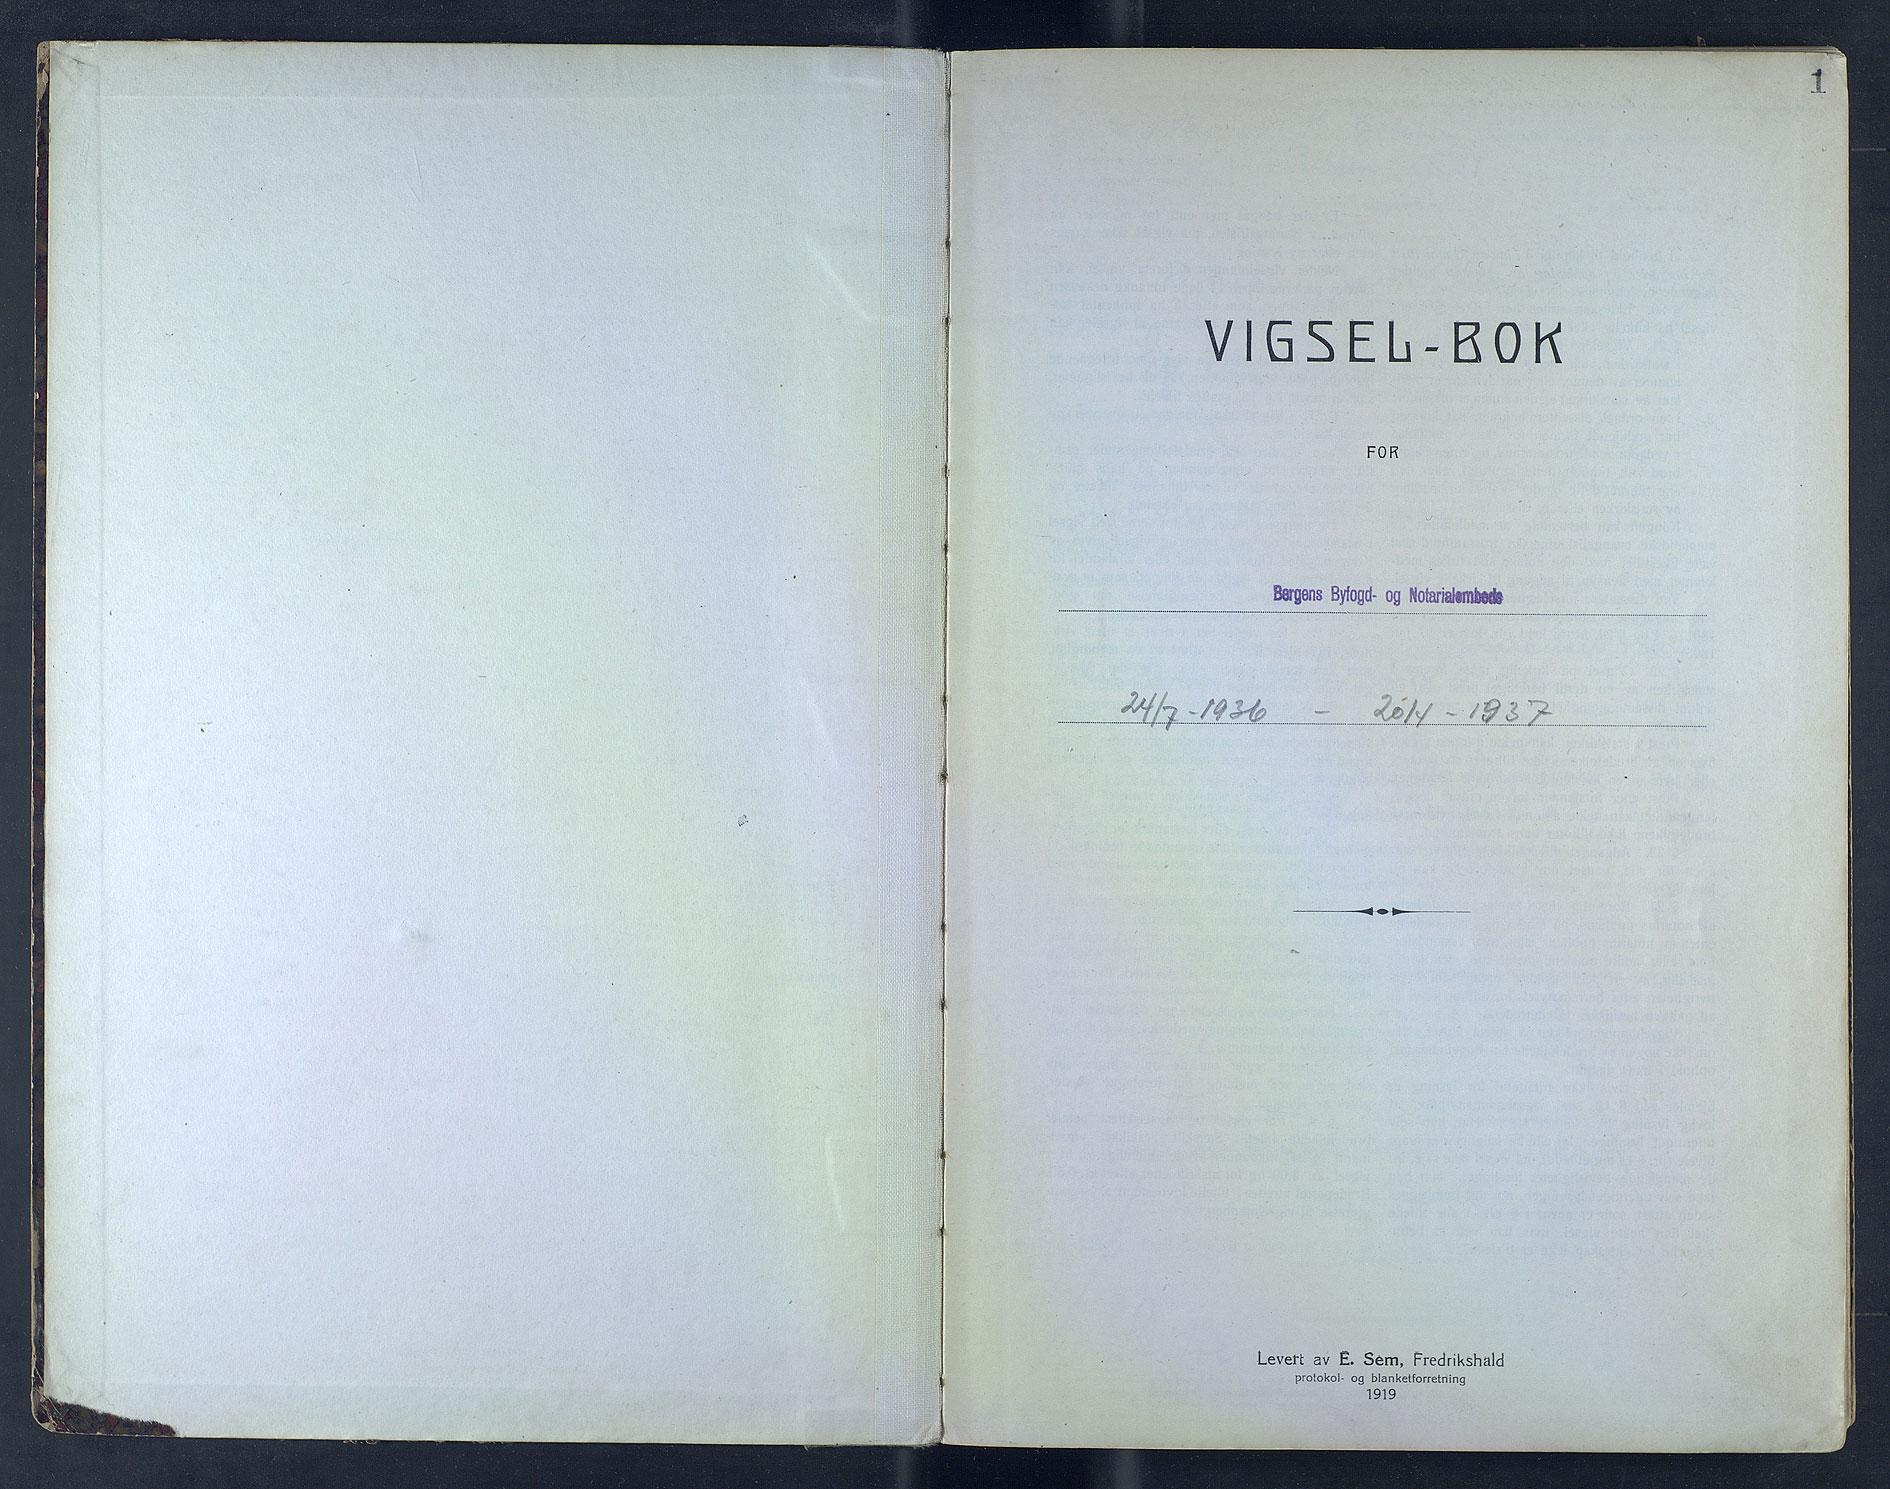 SAB, Bergen byfogd og byskriver*, 1935-1936, s. 1a